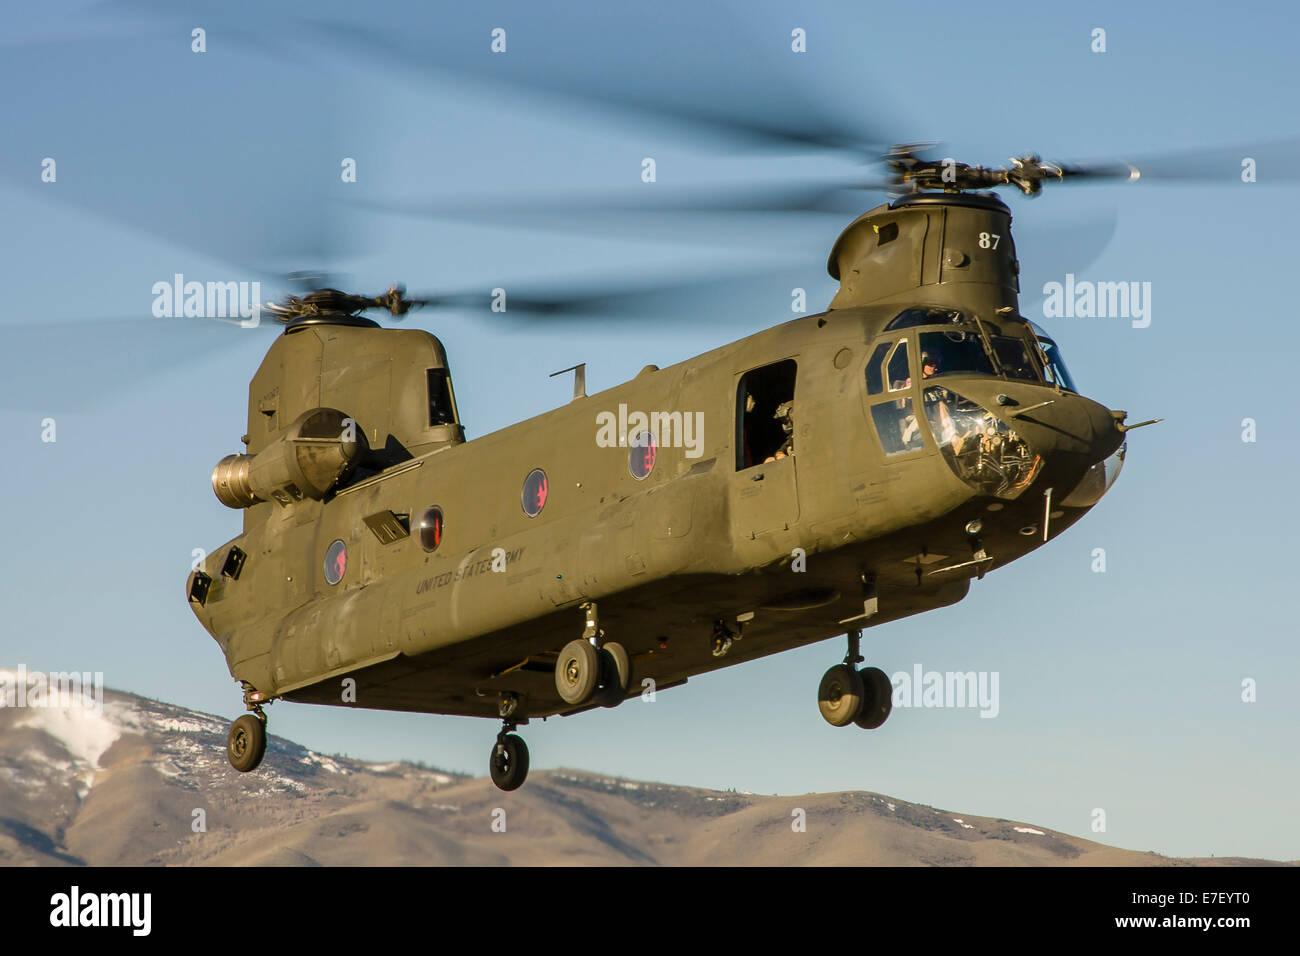 Elicottero Ch : Un nevada national guard ch elicottero chinook si toglie dal